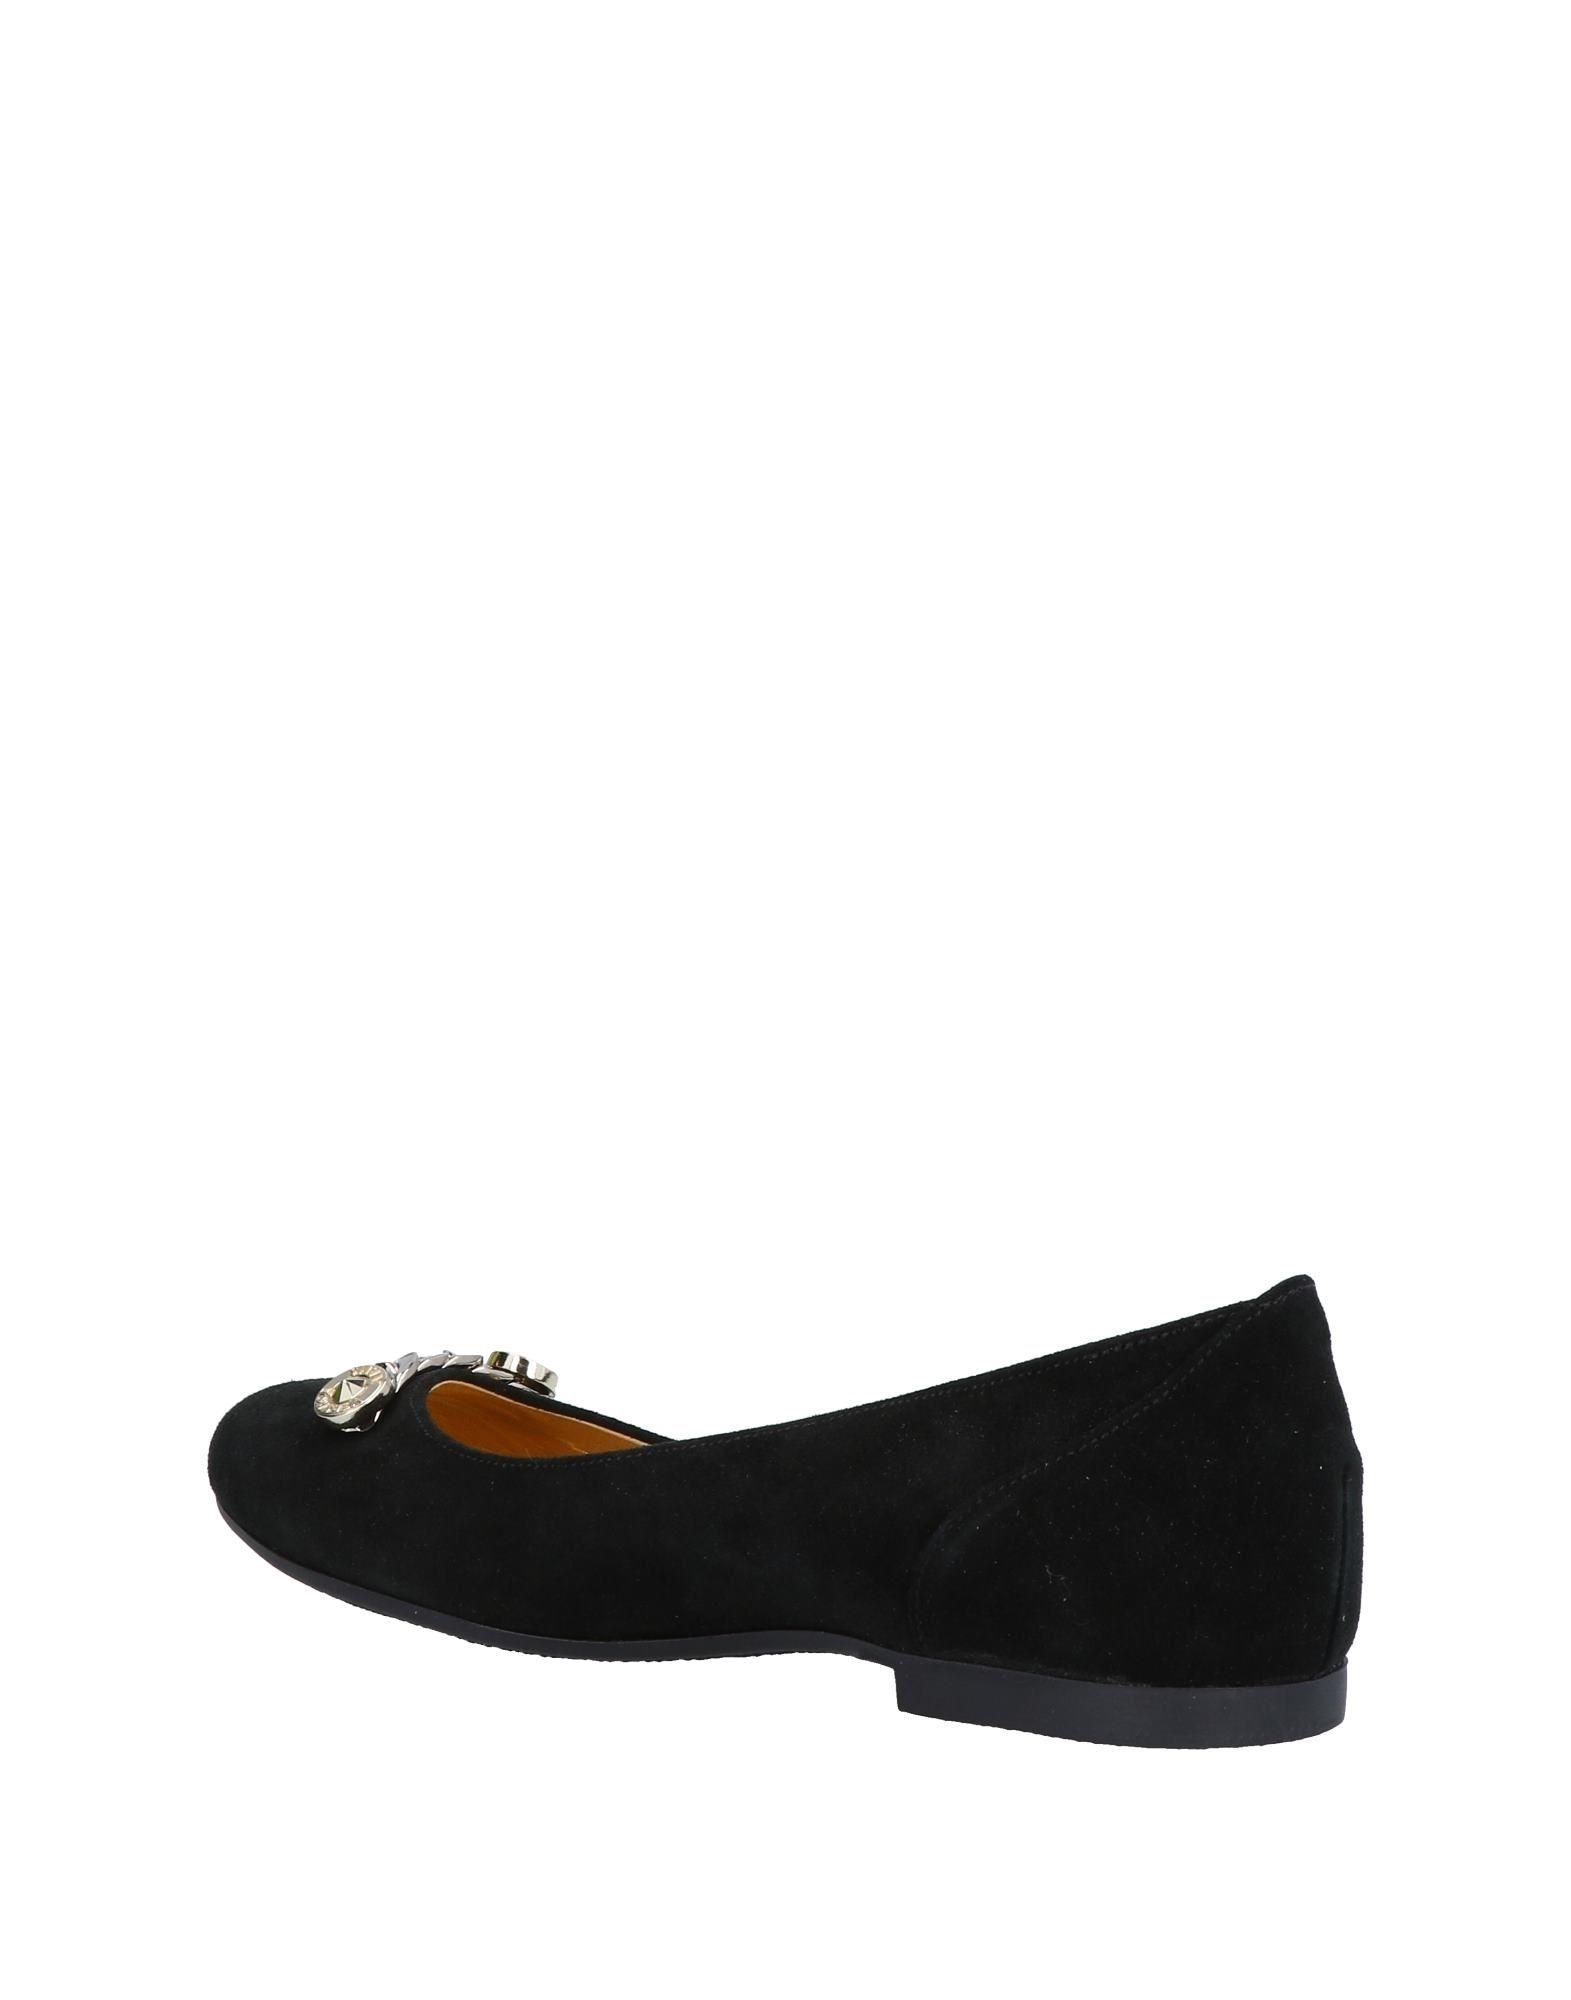 Versace Versace Versace Jeans Ballerinas Damen  11453384ET Gute Qualität beliebte Schuhe 5f54f5